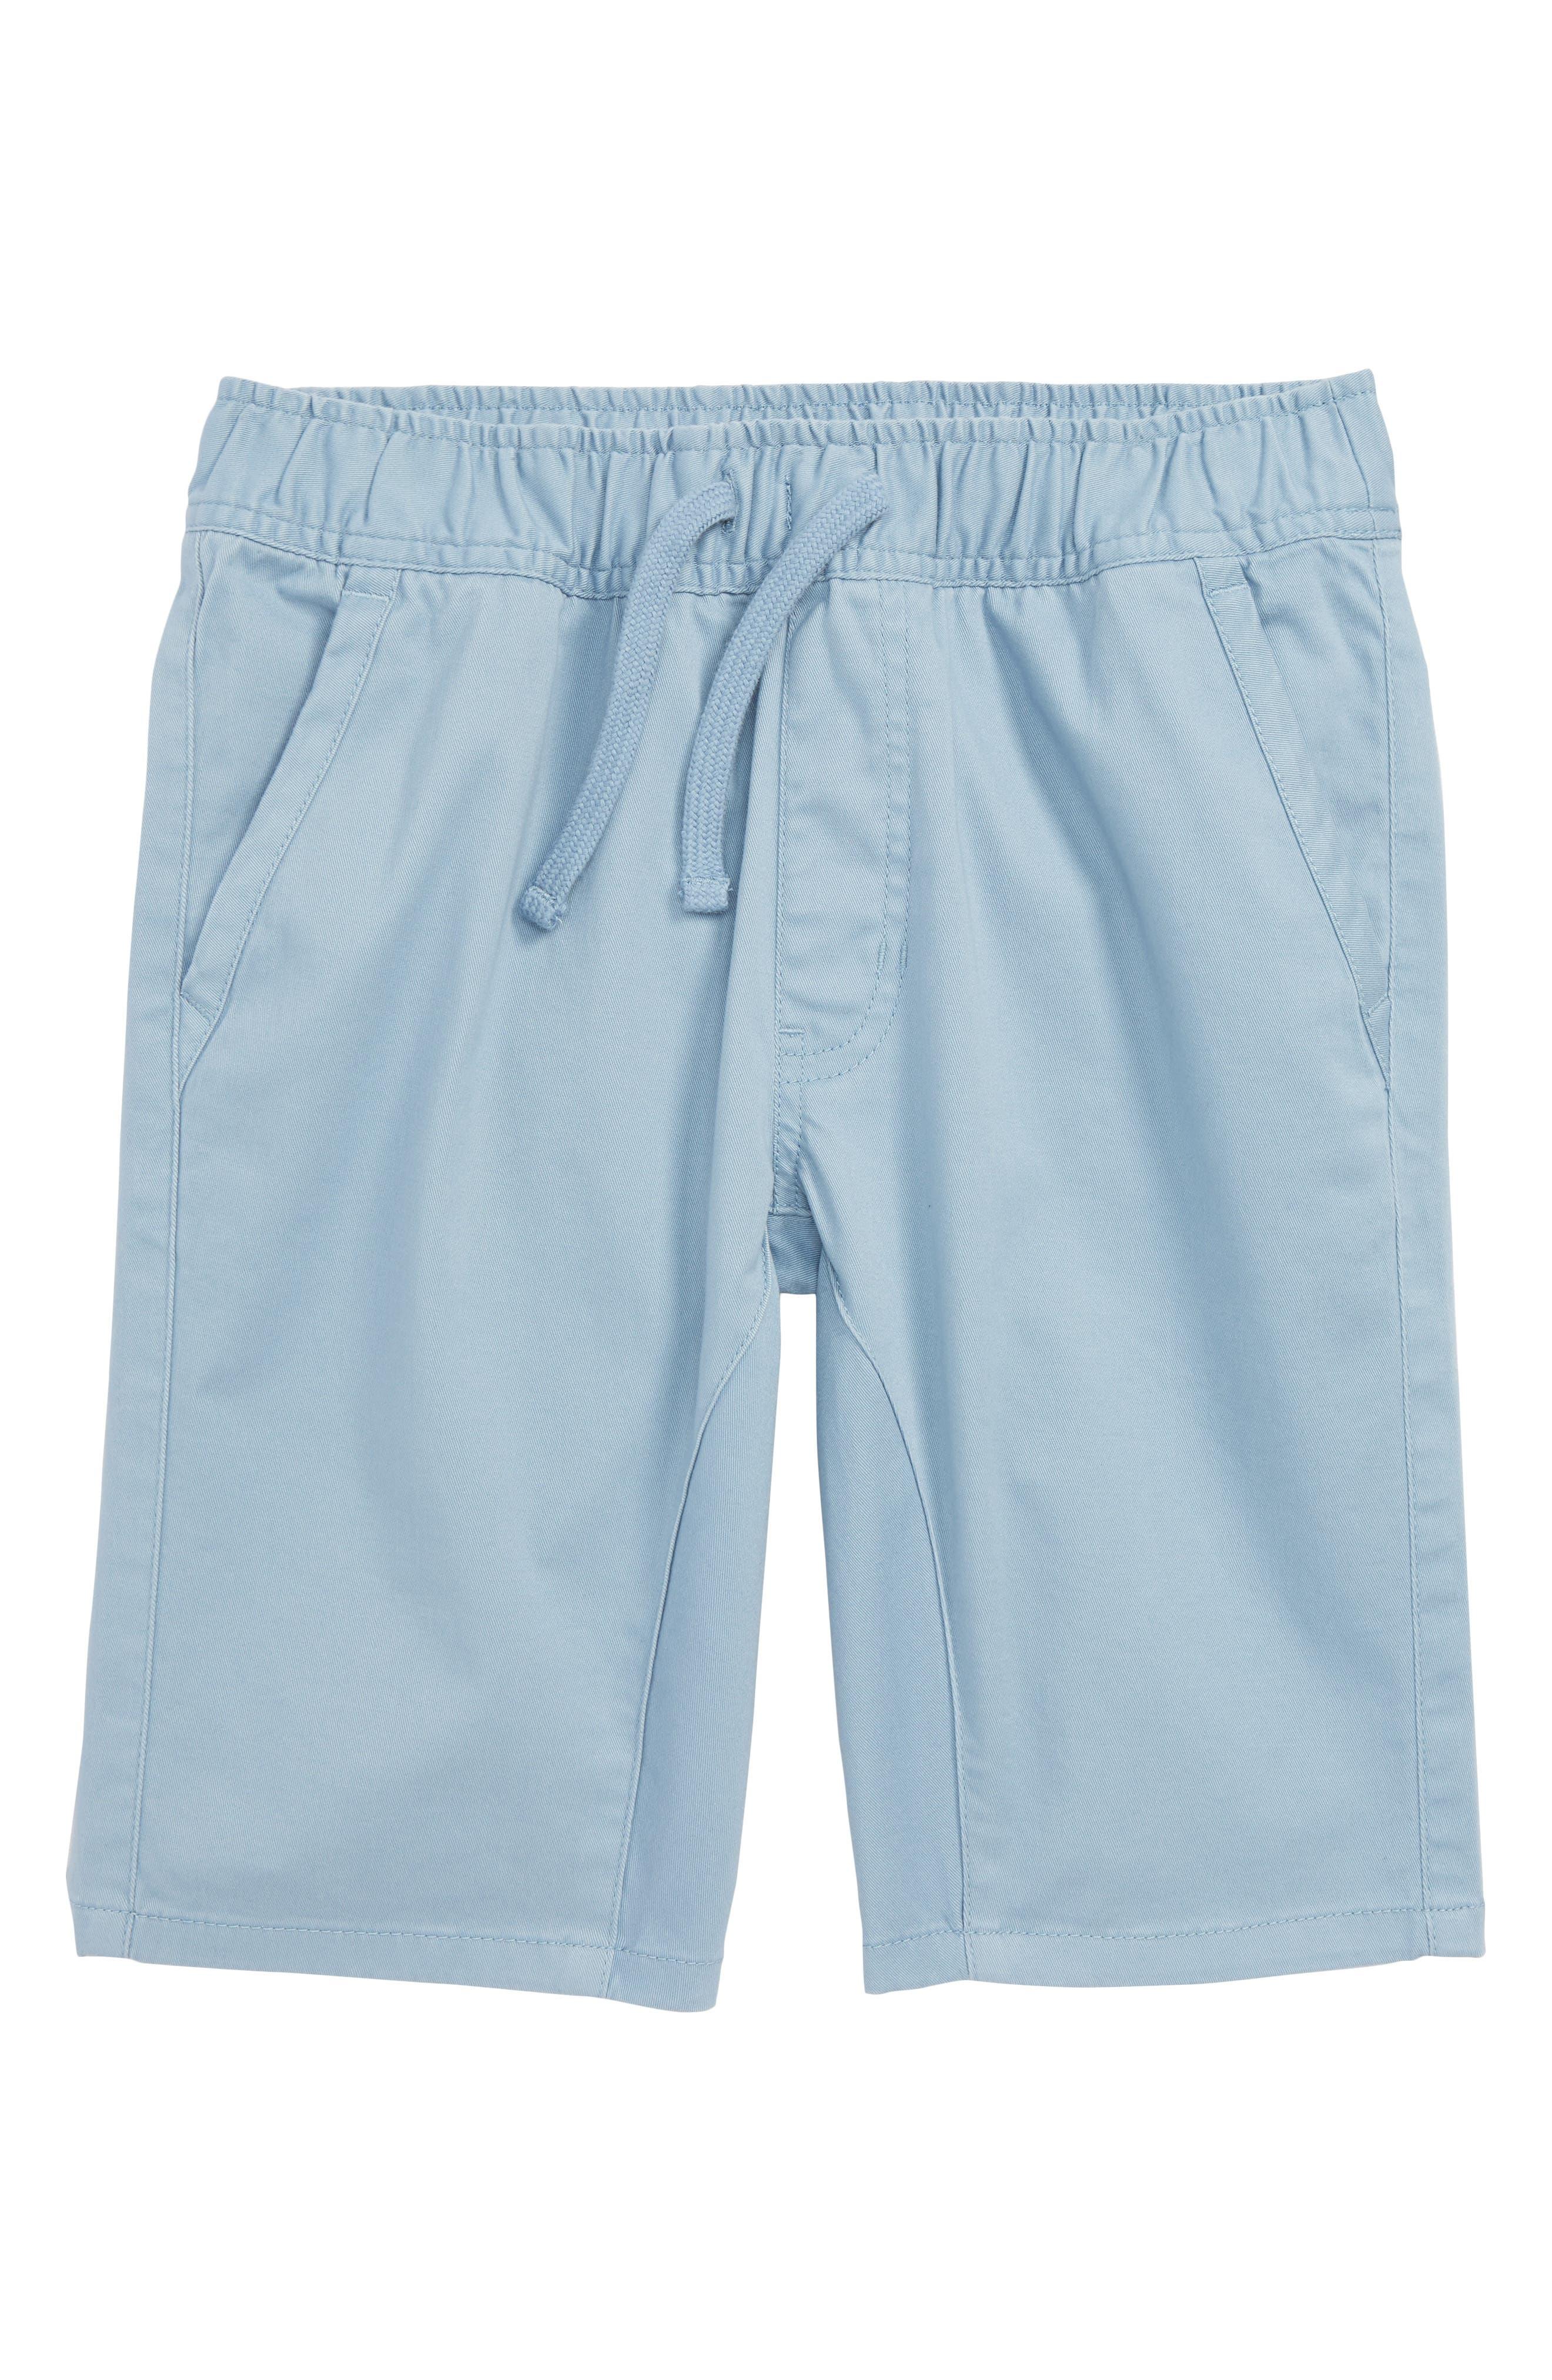 Knit Shorts,                         Main,                         color, Blue Chambray